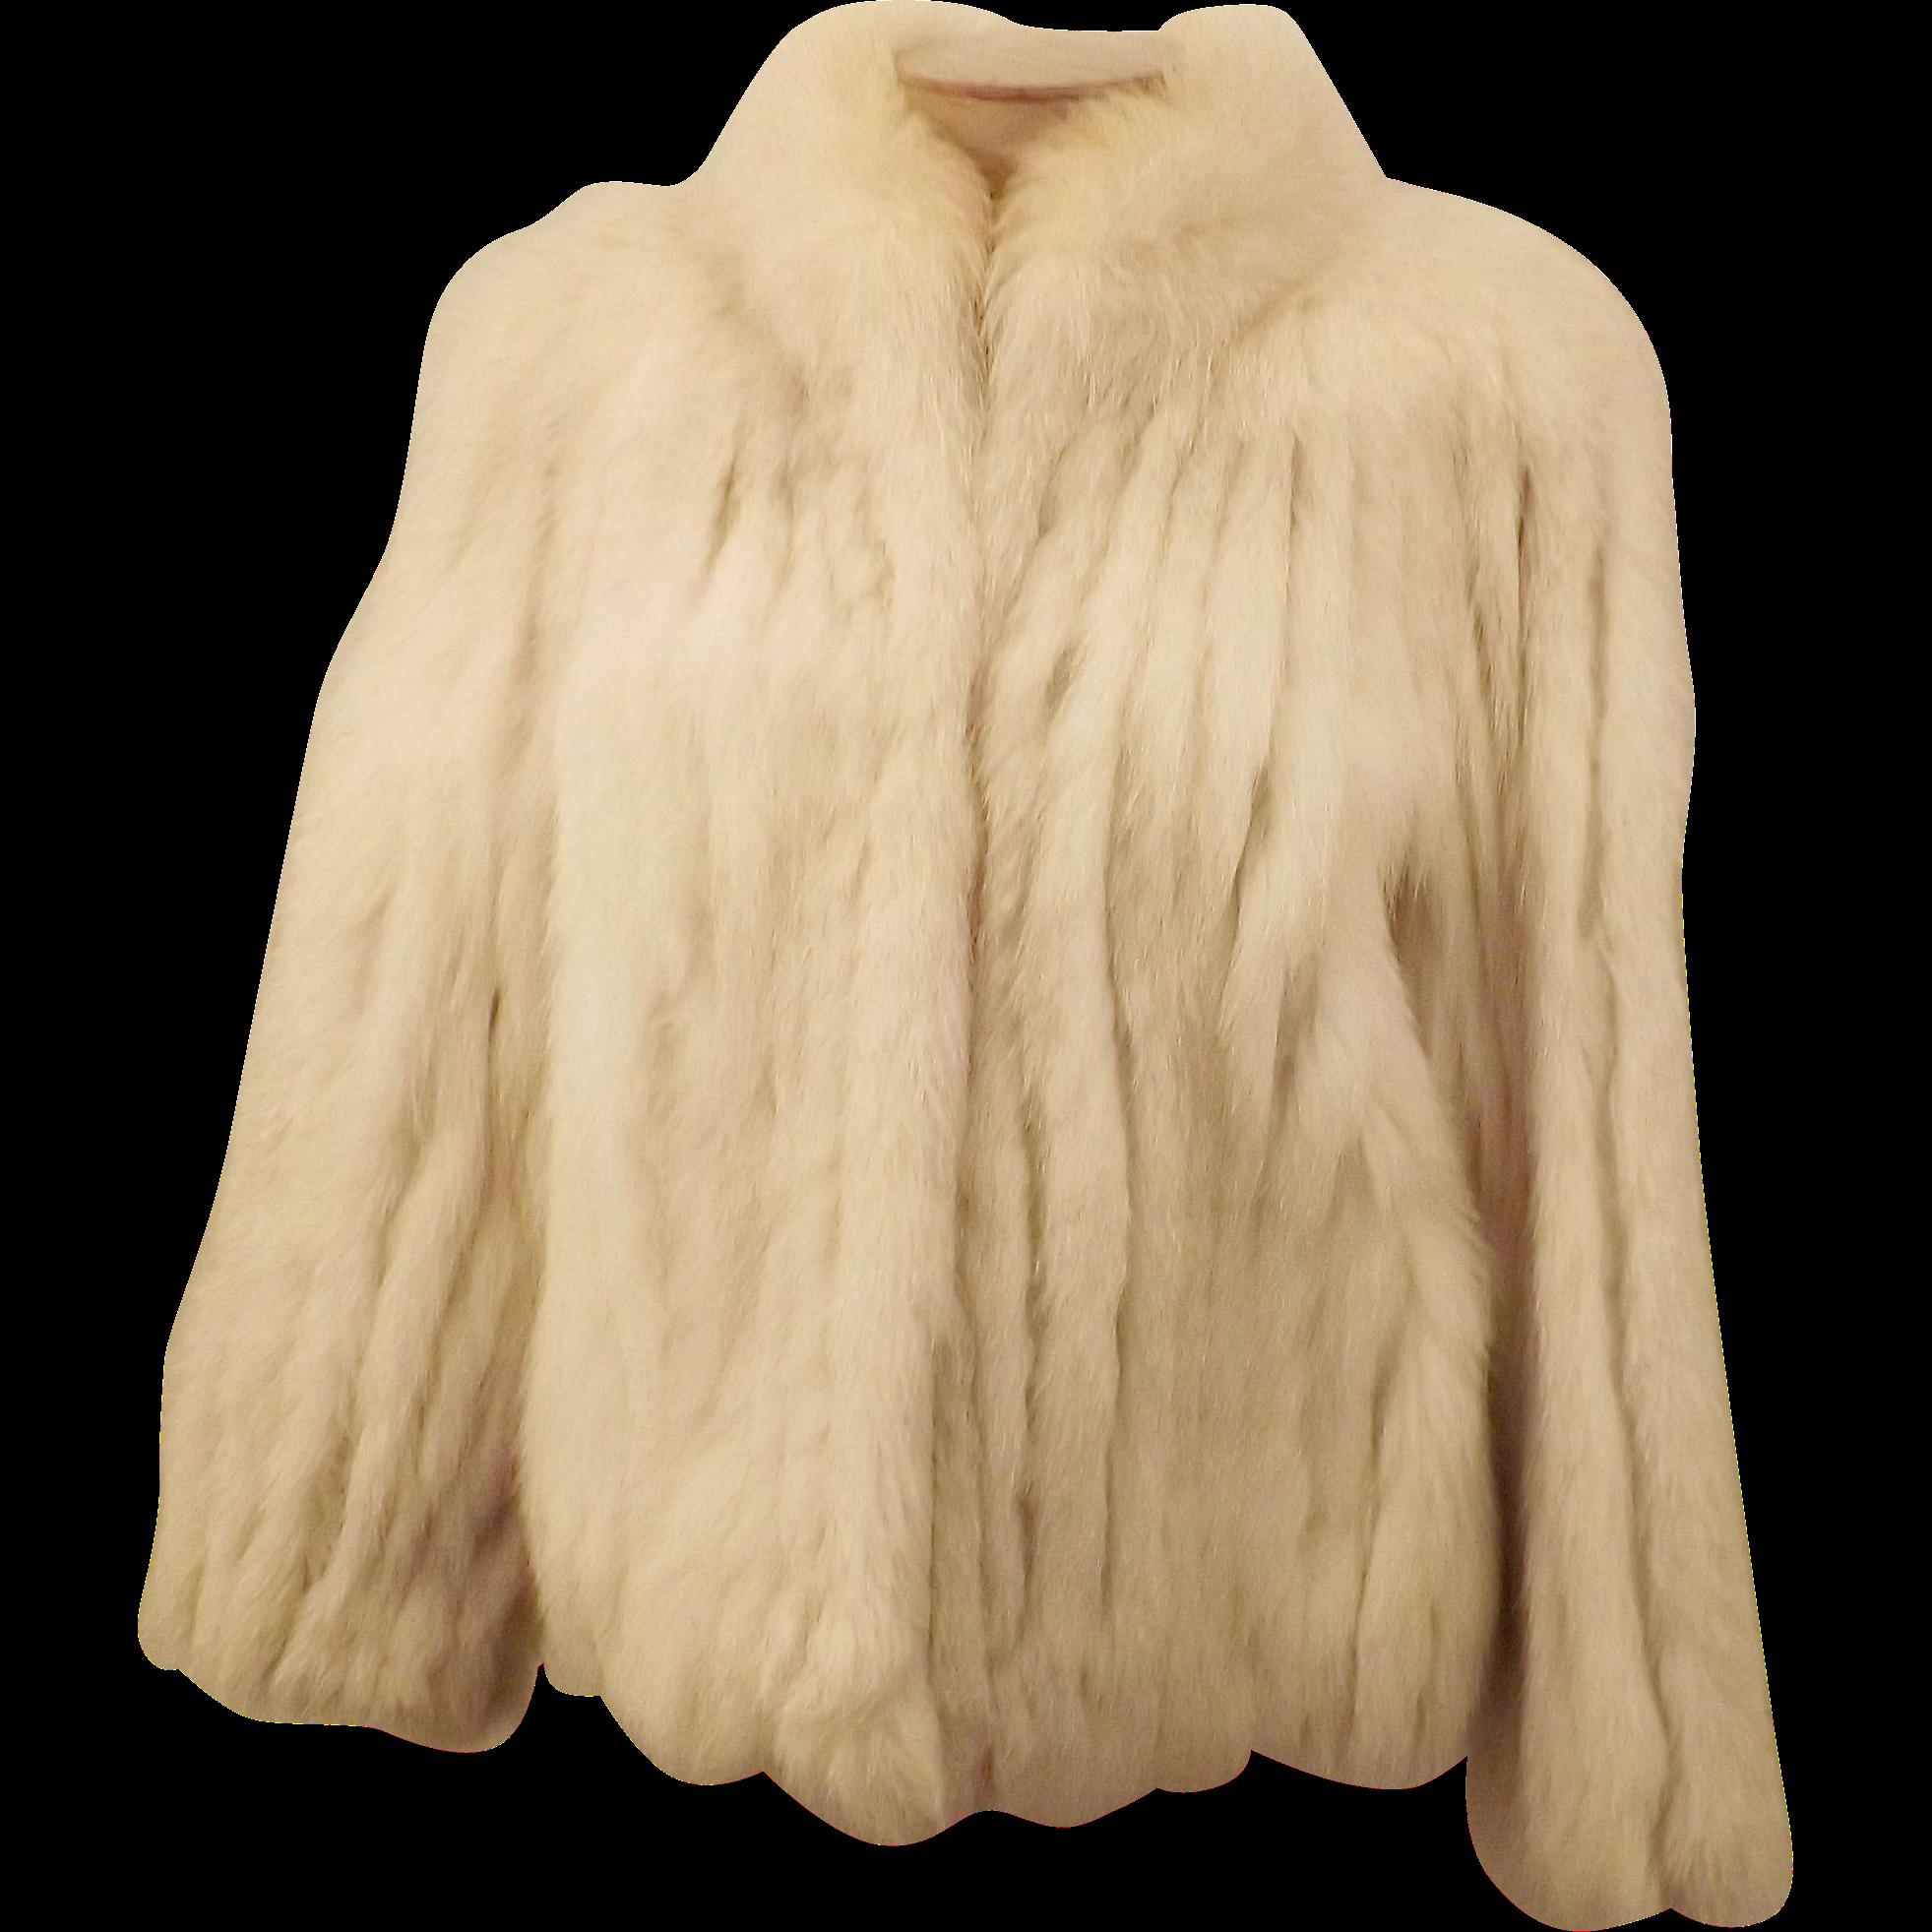 Fur Coat Brown Png Image Fur Coat White Fur Coat Black Fur Coat